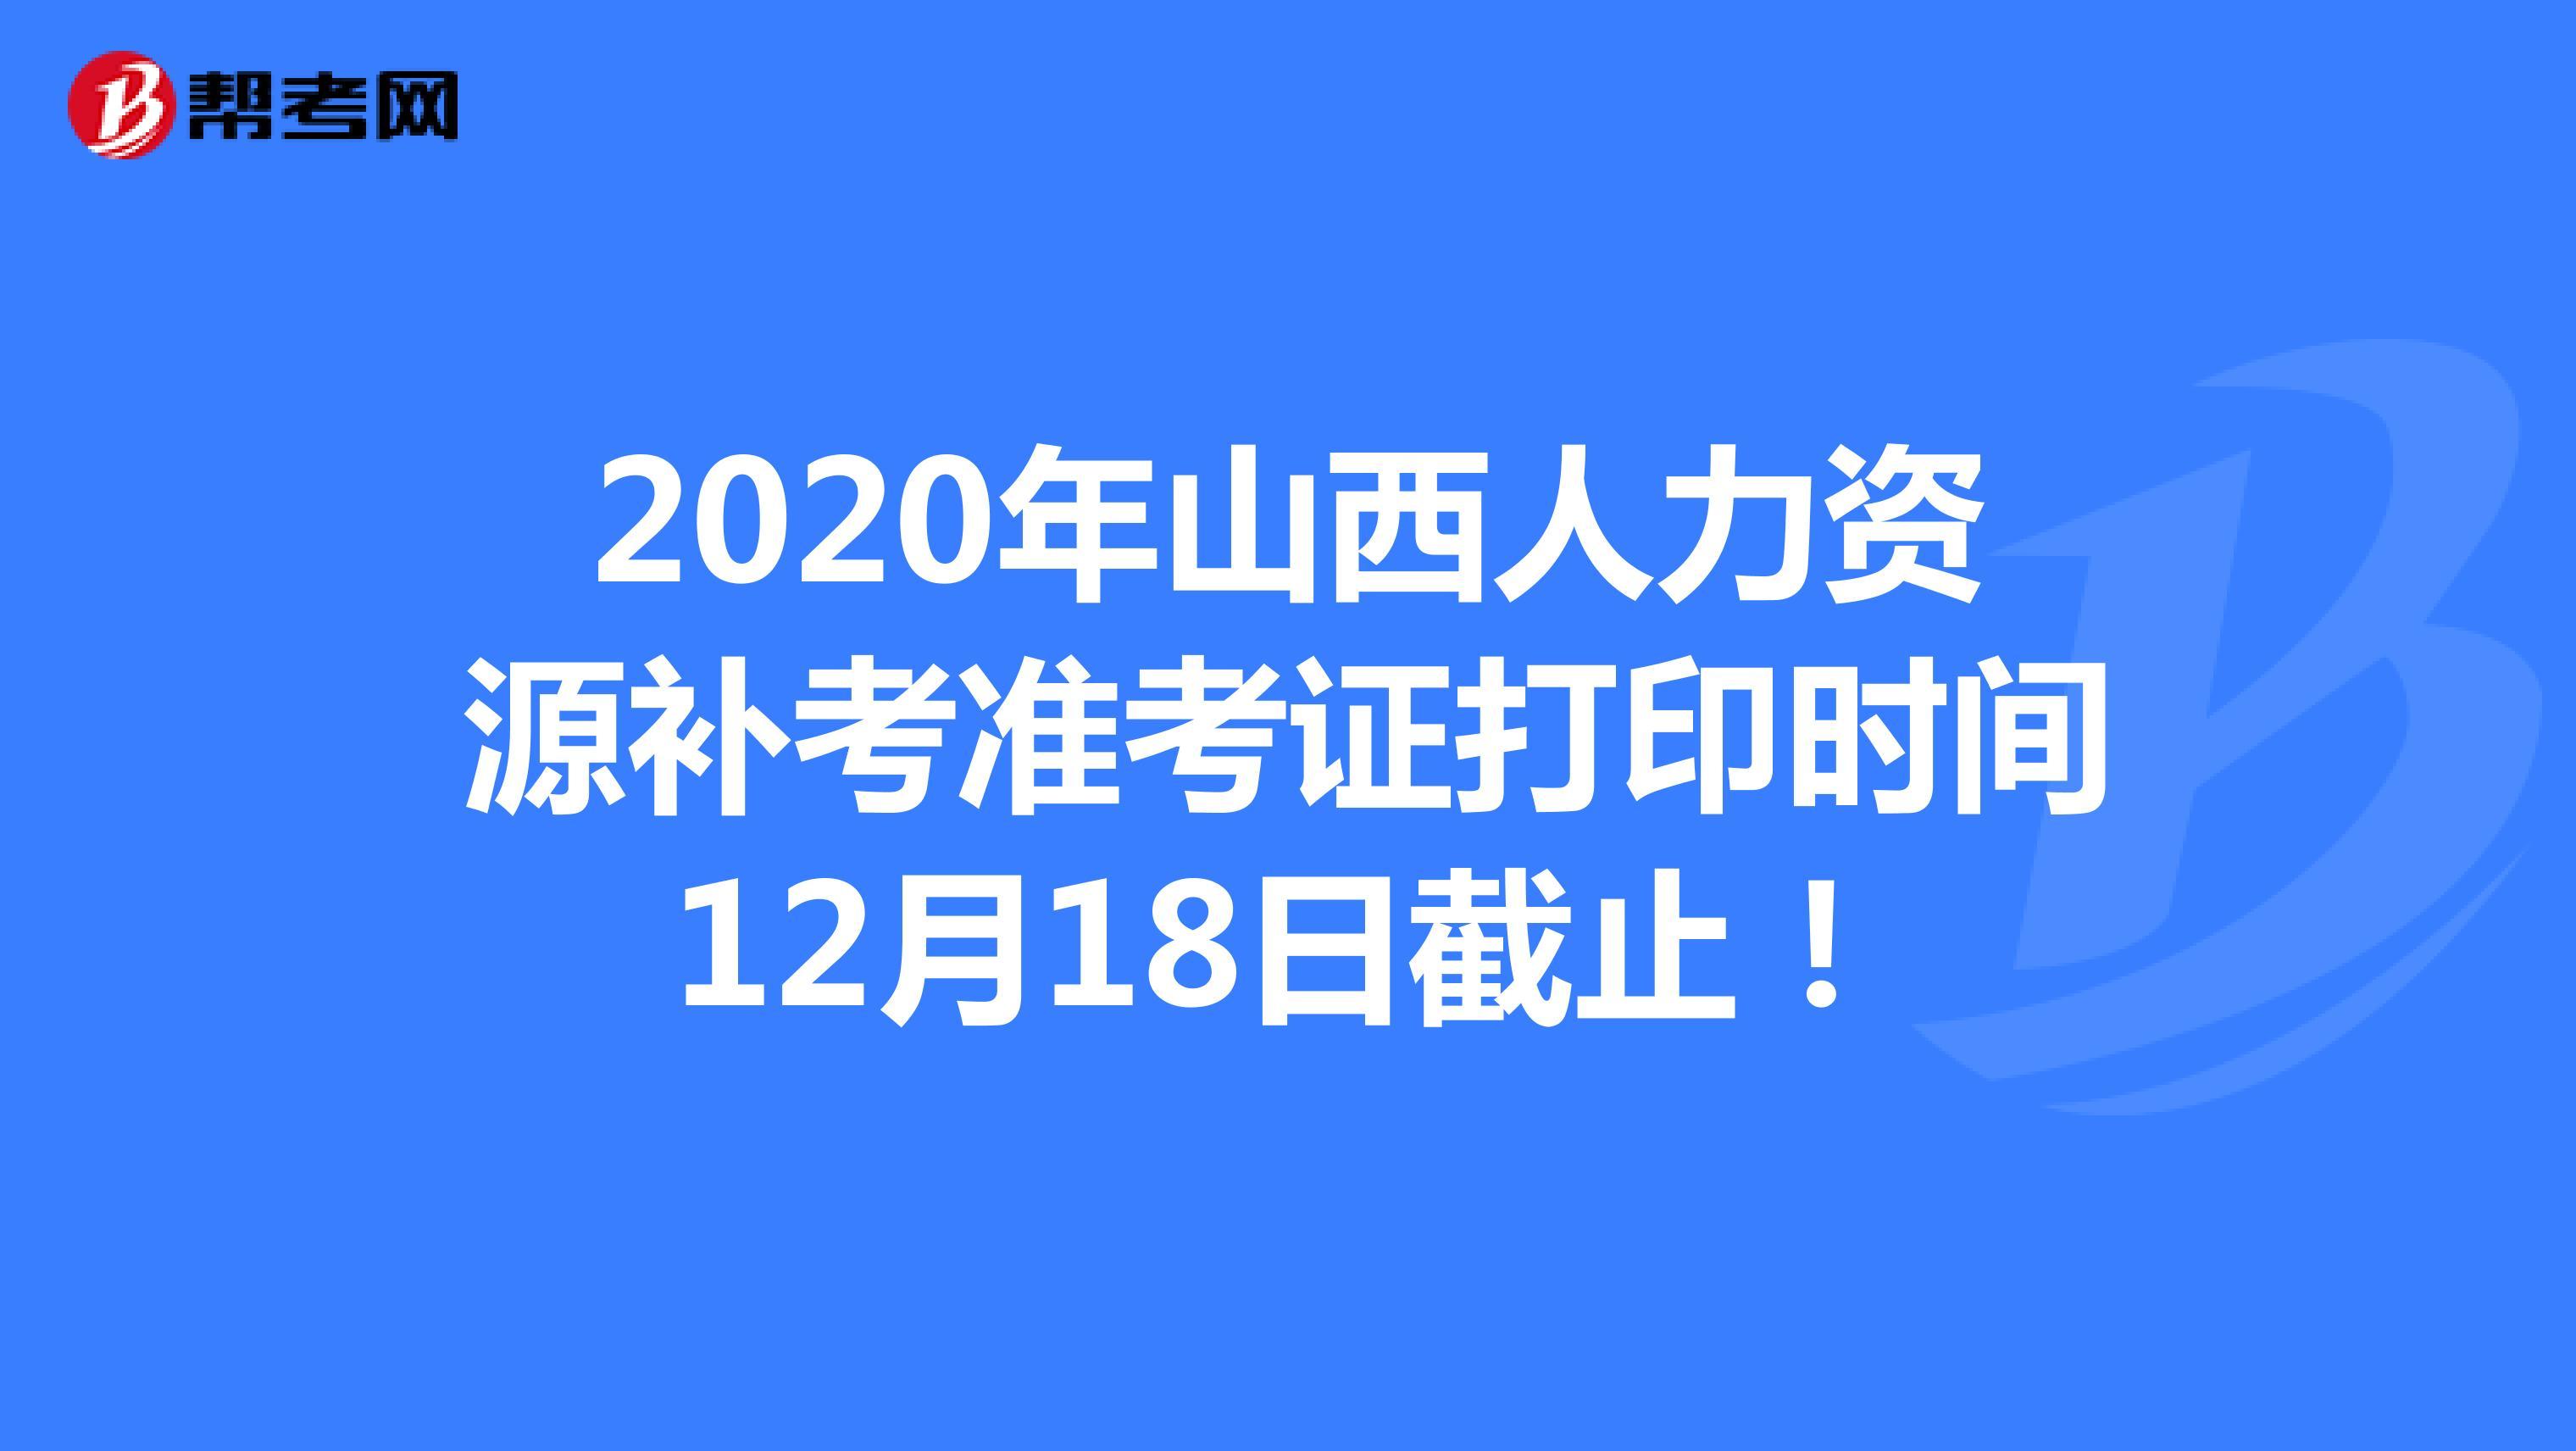 2020年山西人力资源补考准考证打印时间12月18日截止!